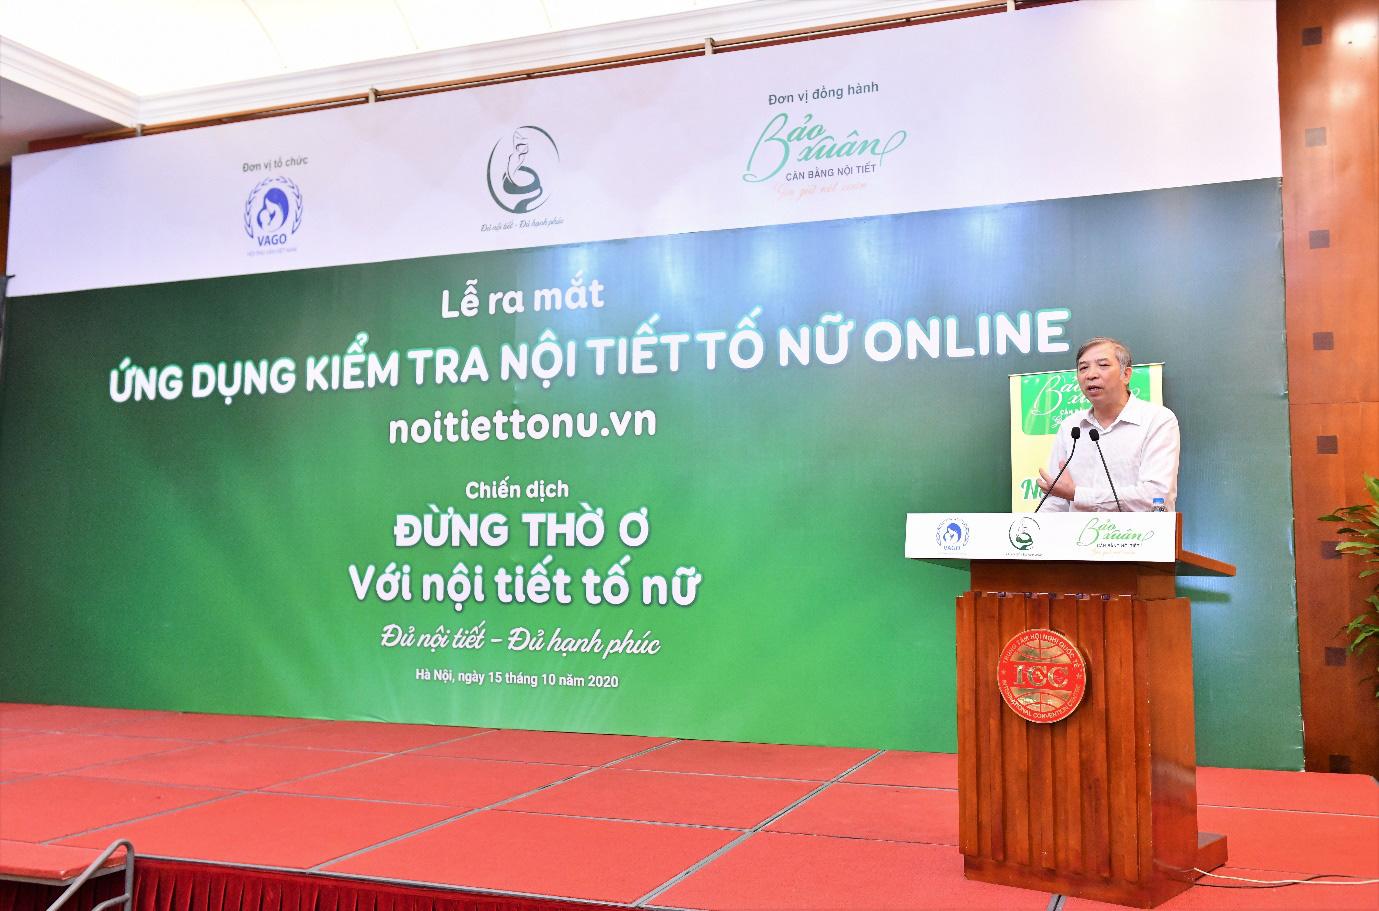 Lần đầu tiên ra mắt ứng dụng kiểm tra nội tiết tố nữ tại Việt Nam - Ảnh 4.